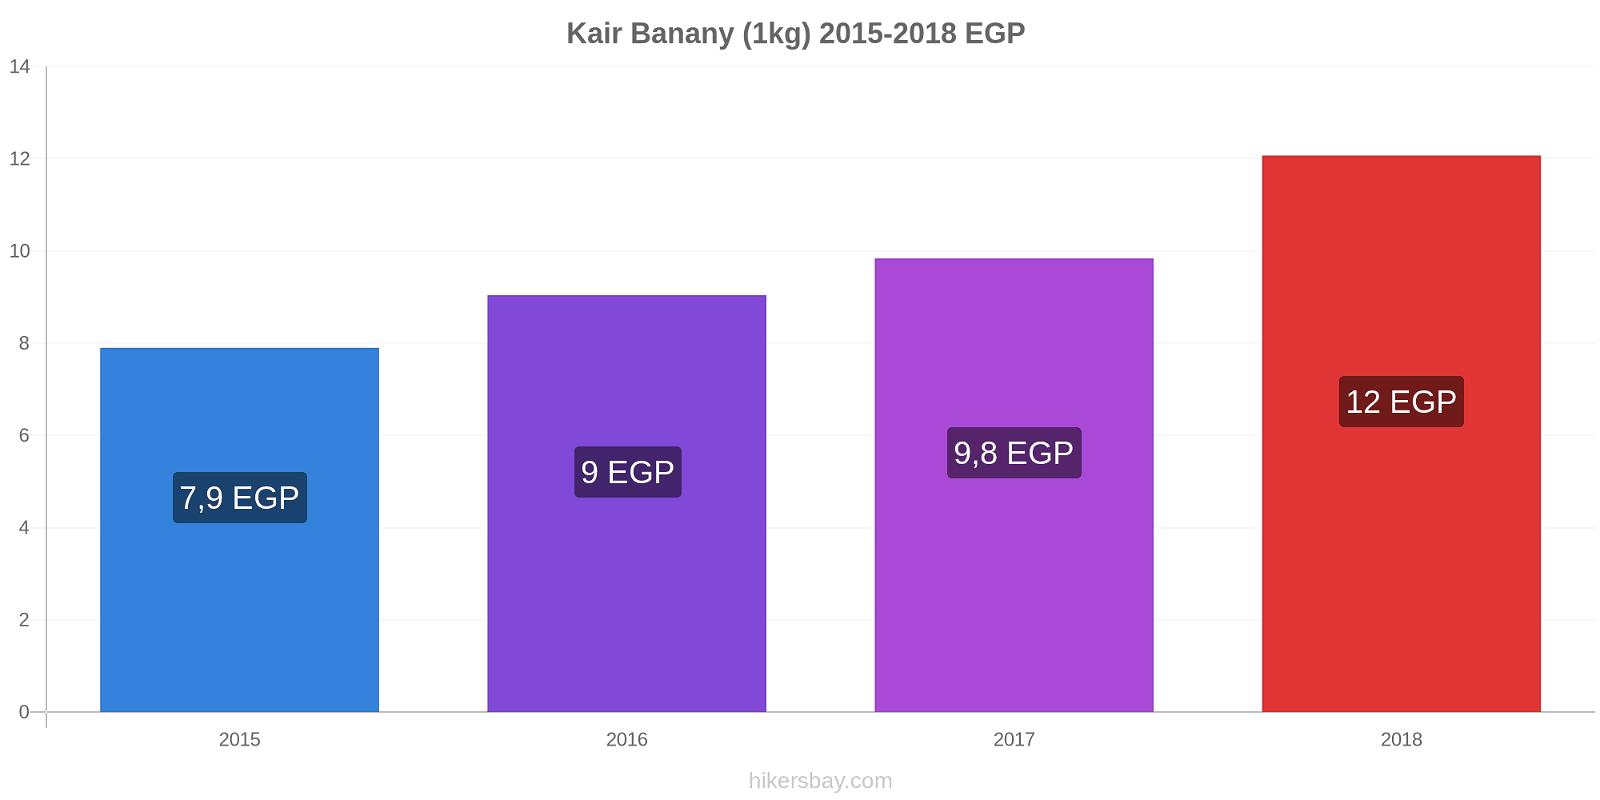 Kair zmiany cen Banany (1kg) hikersbay.com